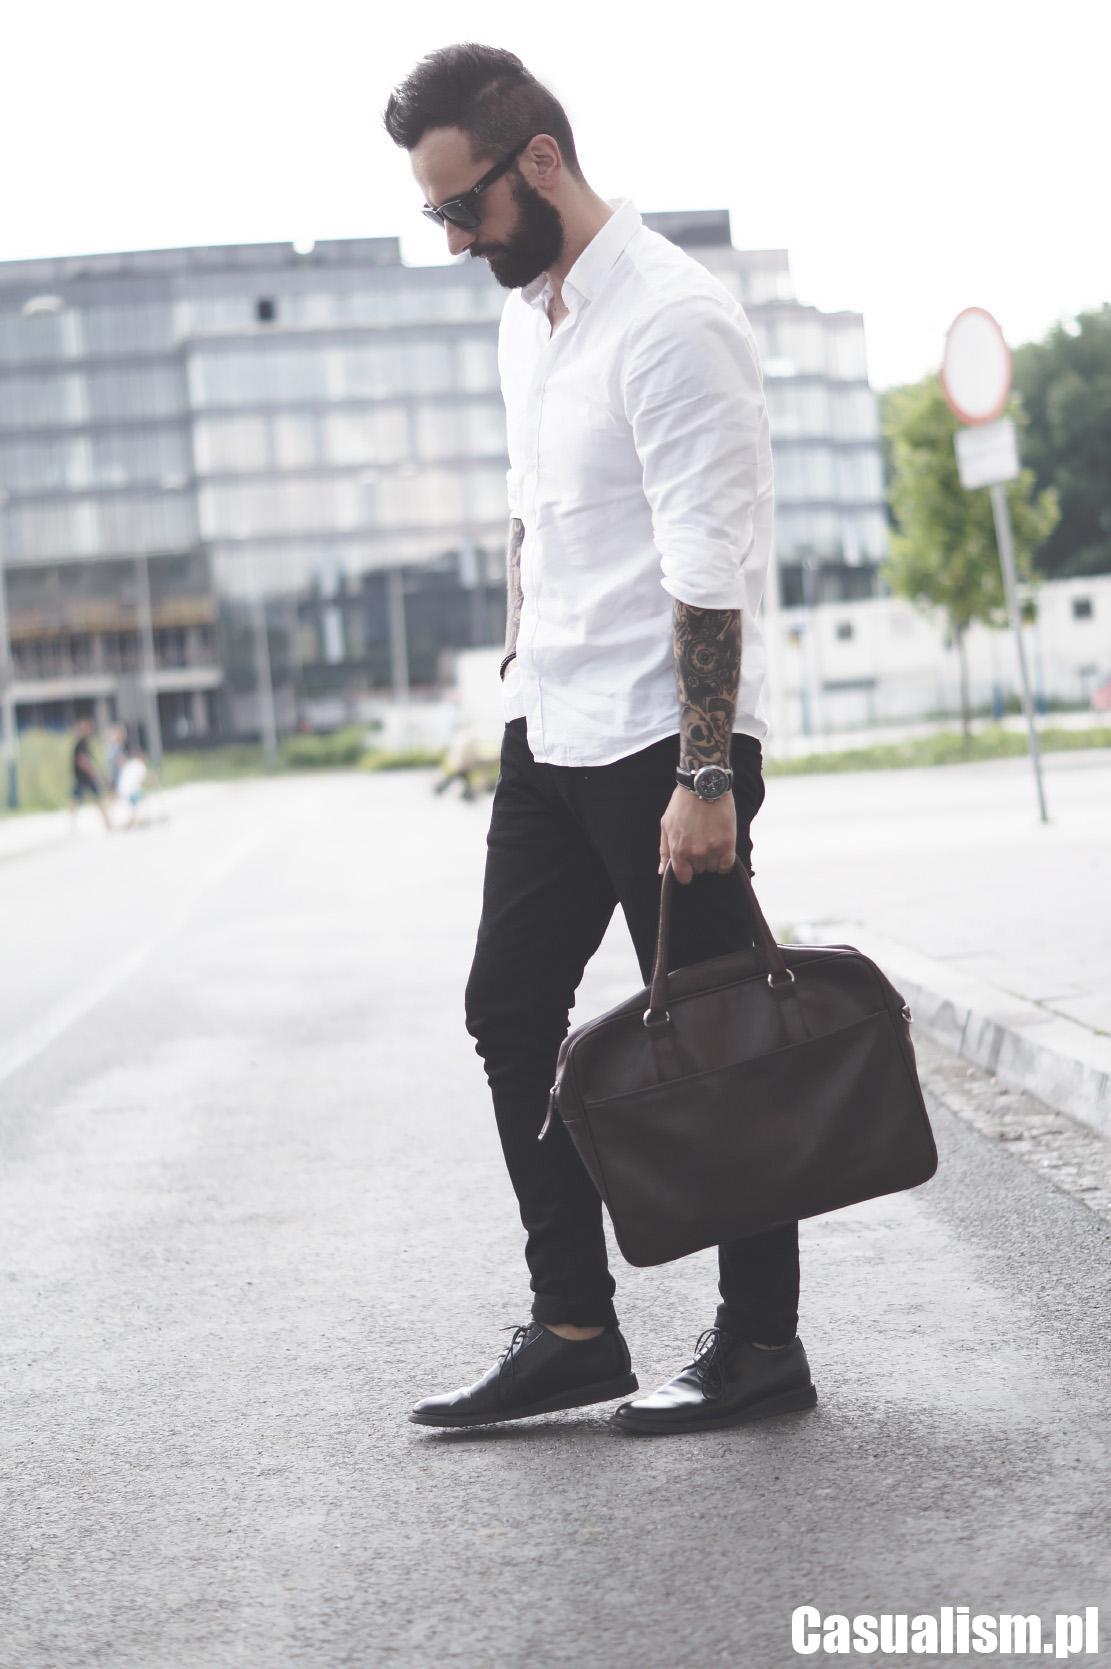 Biała koszula z jeansami, białe koszule i jeansy, jaka koszula do jeansów, koszula z jeansami, dżinsy do koszuli, jakie jeansy, czarne jeansy męskie, biała koszula oksford, biała koszula męska.